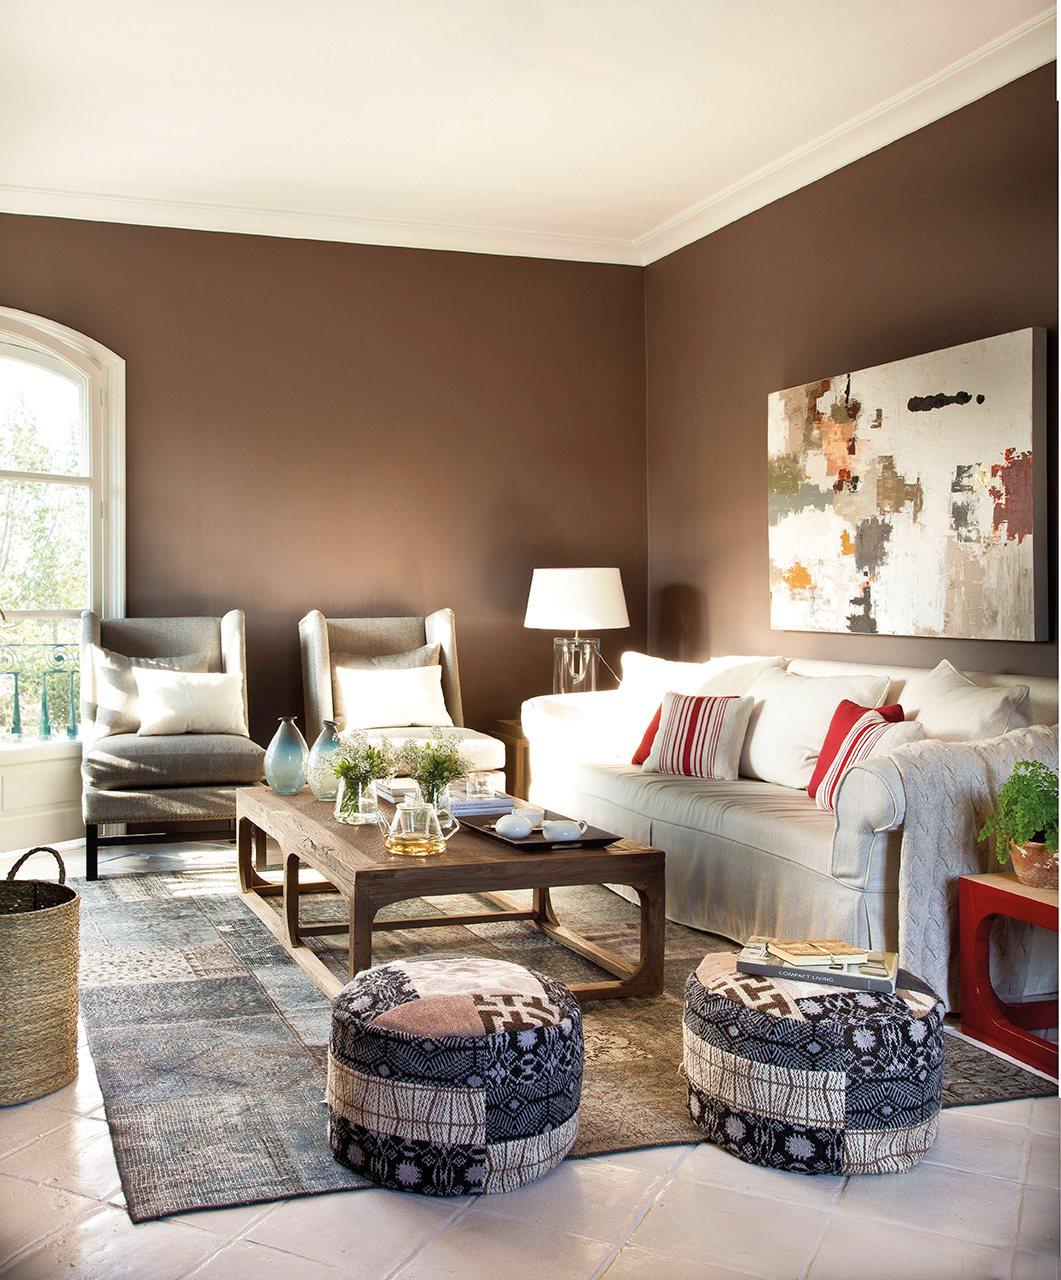 12 buenas ideas para decorar el sal n con estilo - De que color pinto el salon ...